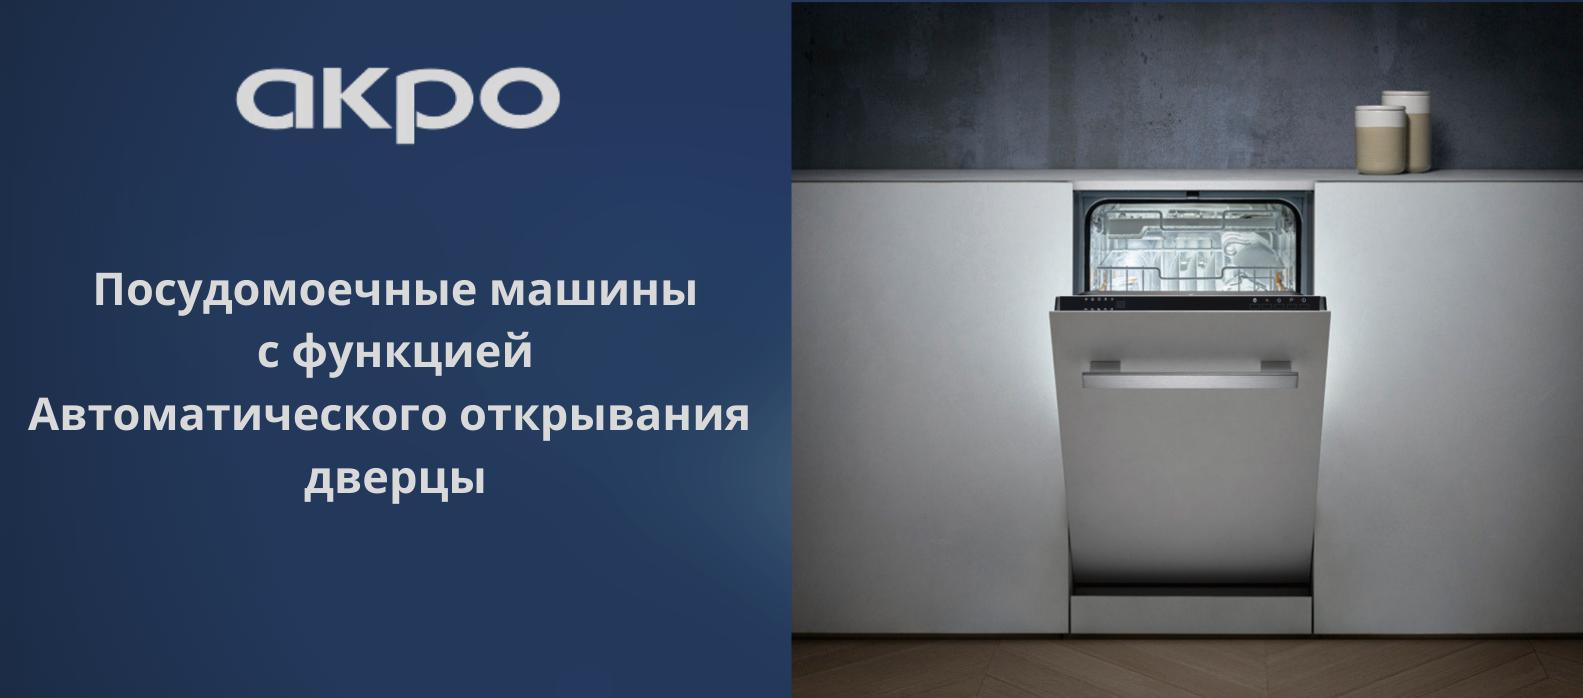 glavnaya-stranicza-02-3